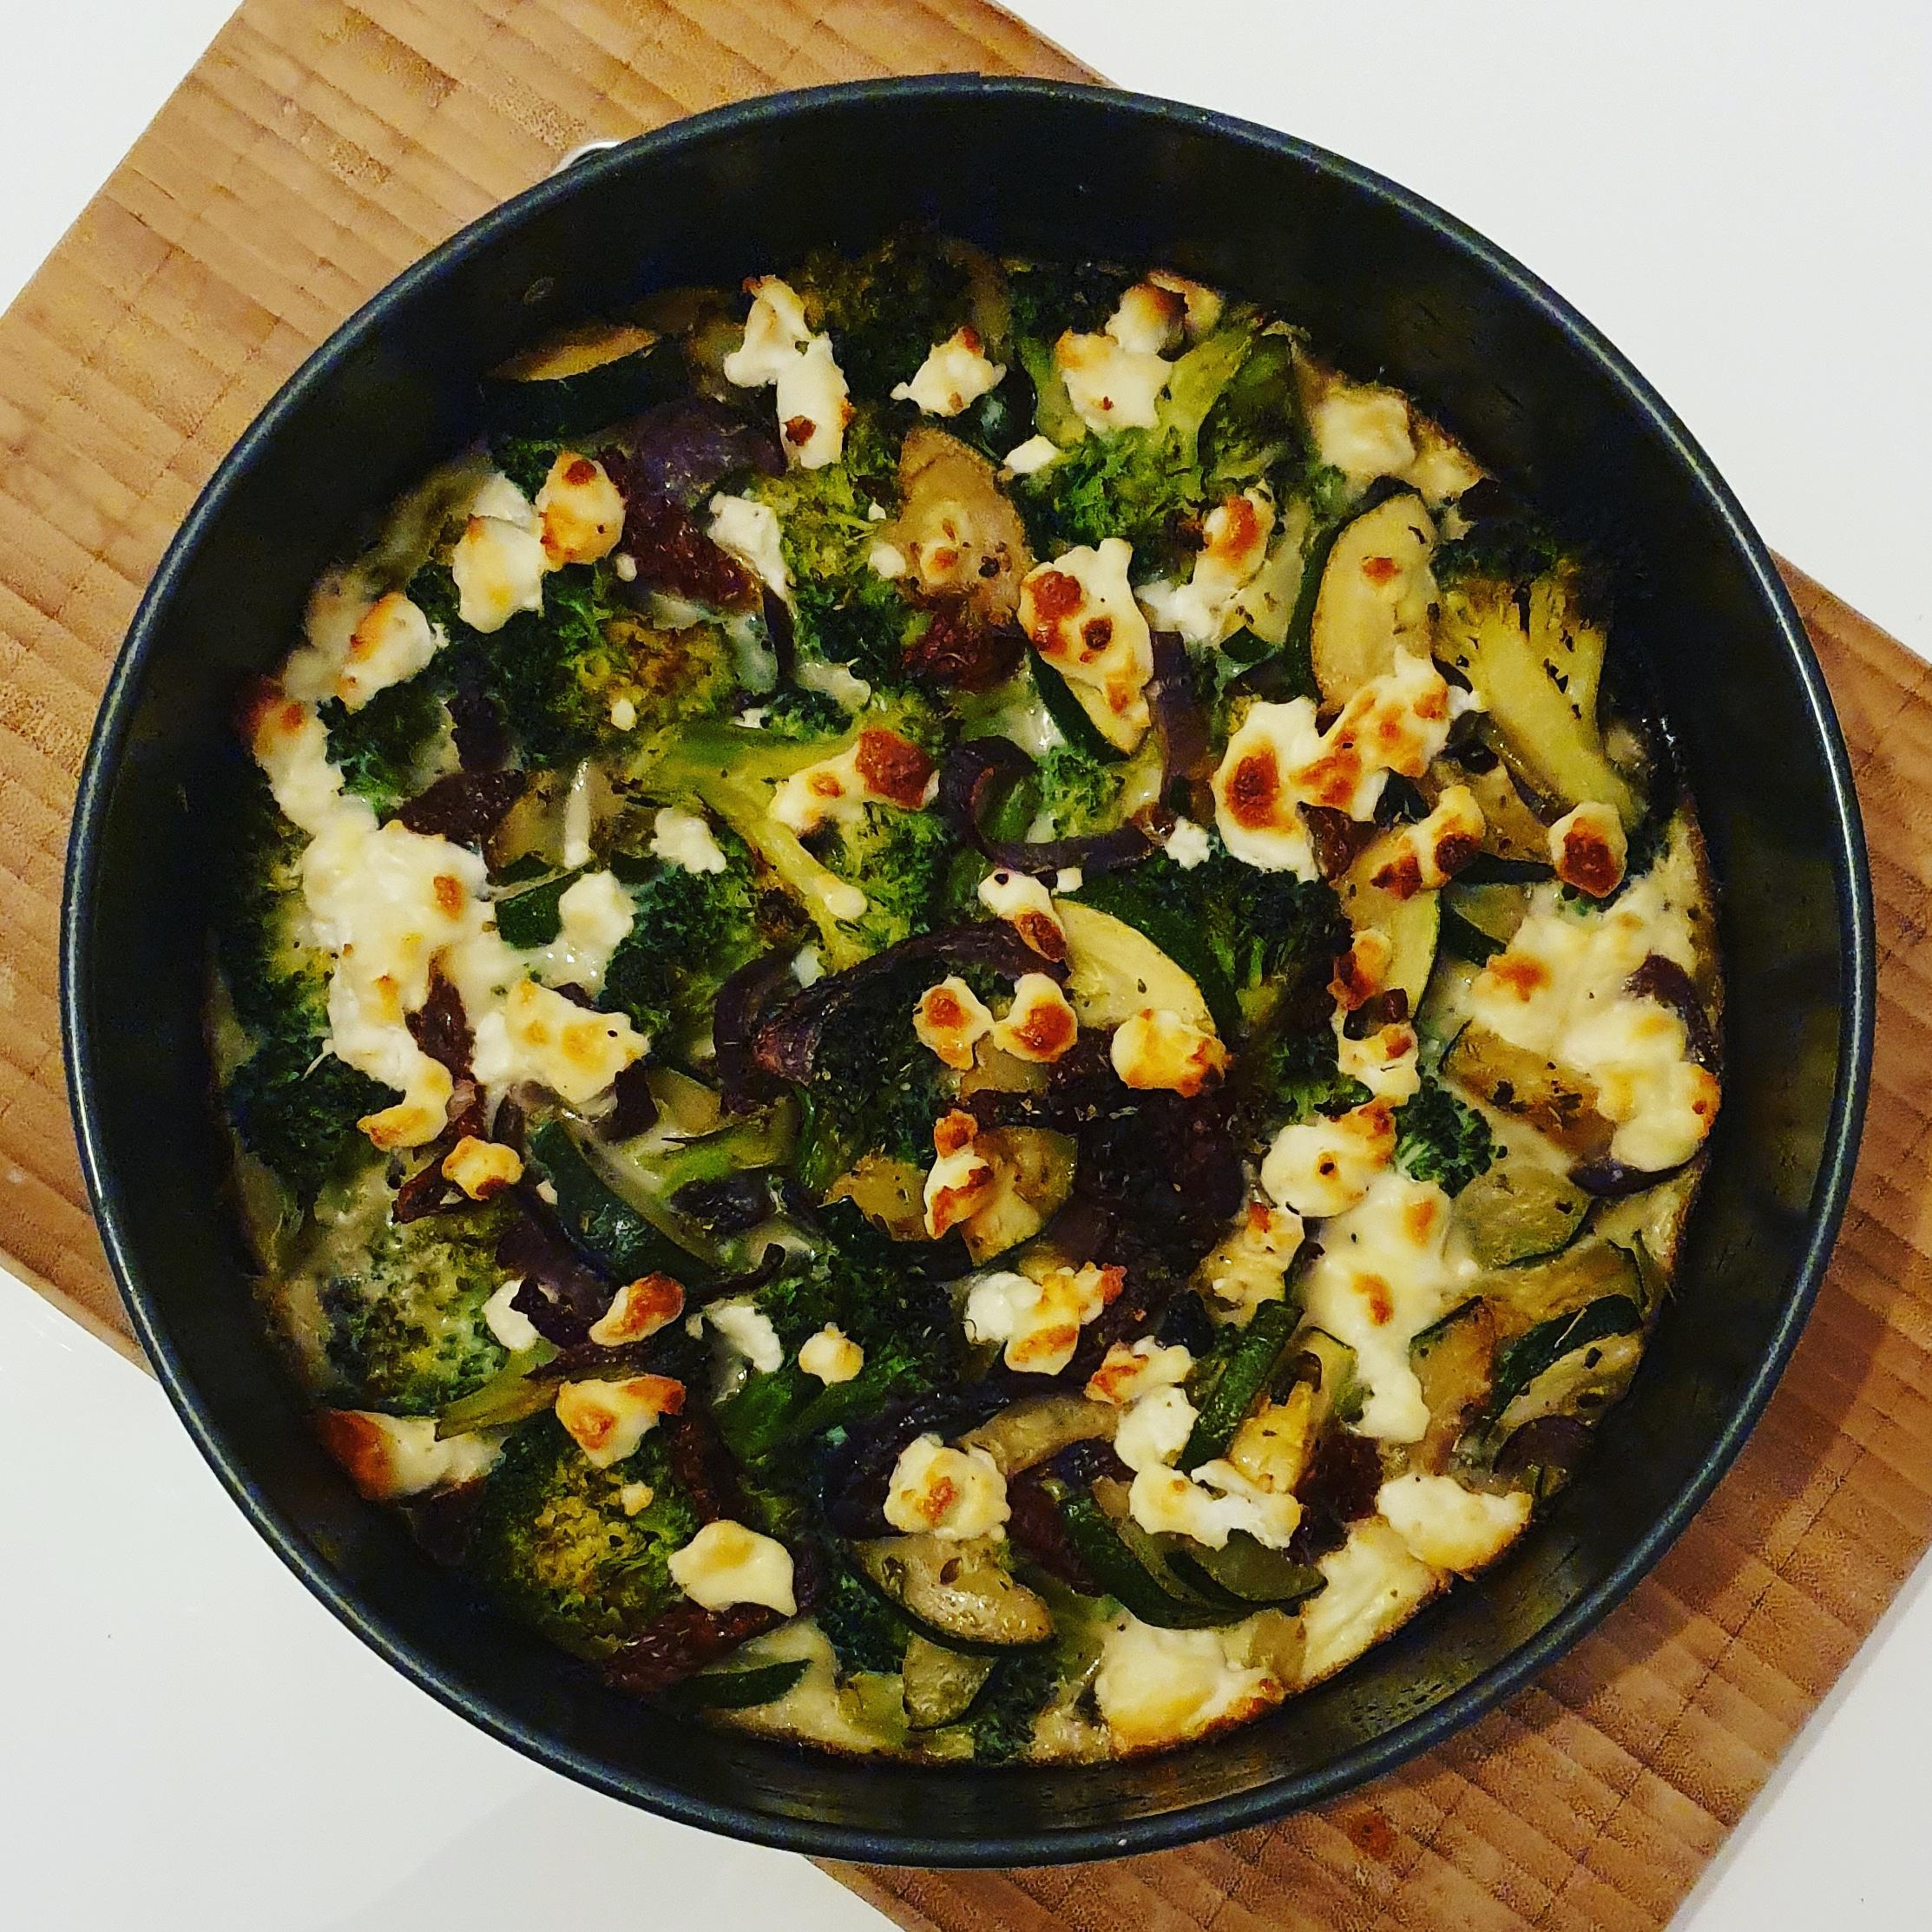 Recept quiche van broccoli, courgette en geitenkaas